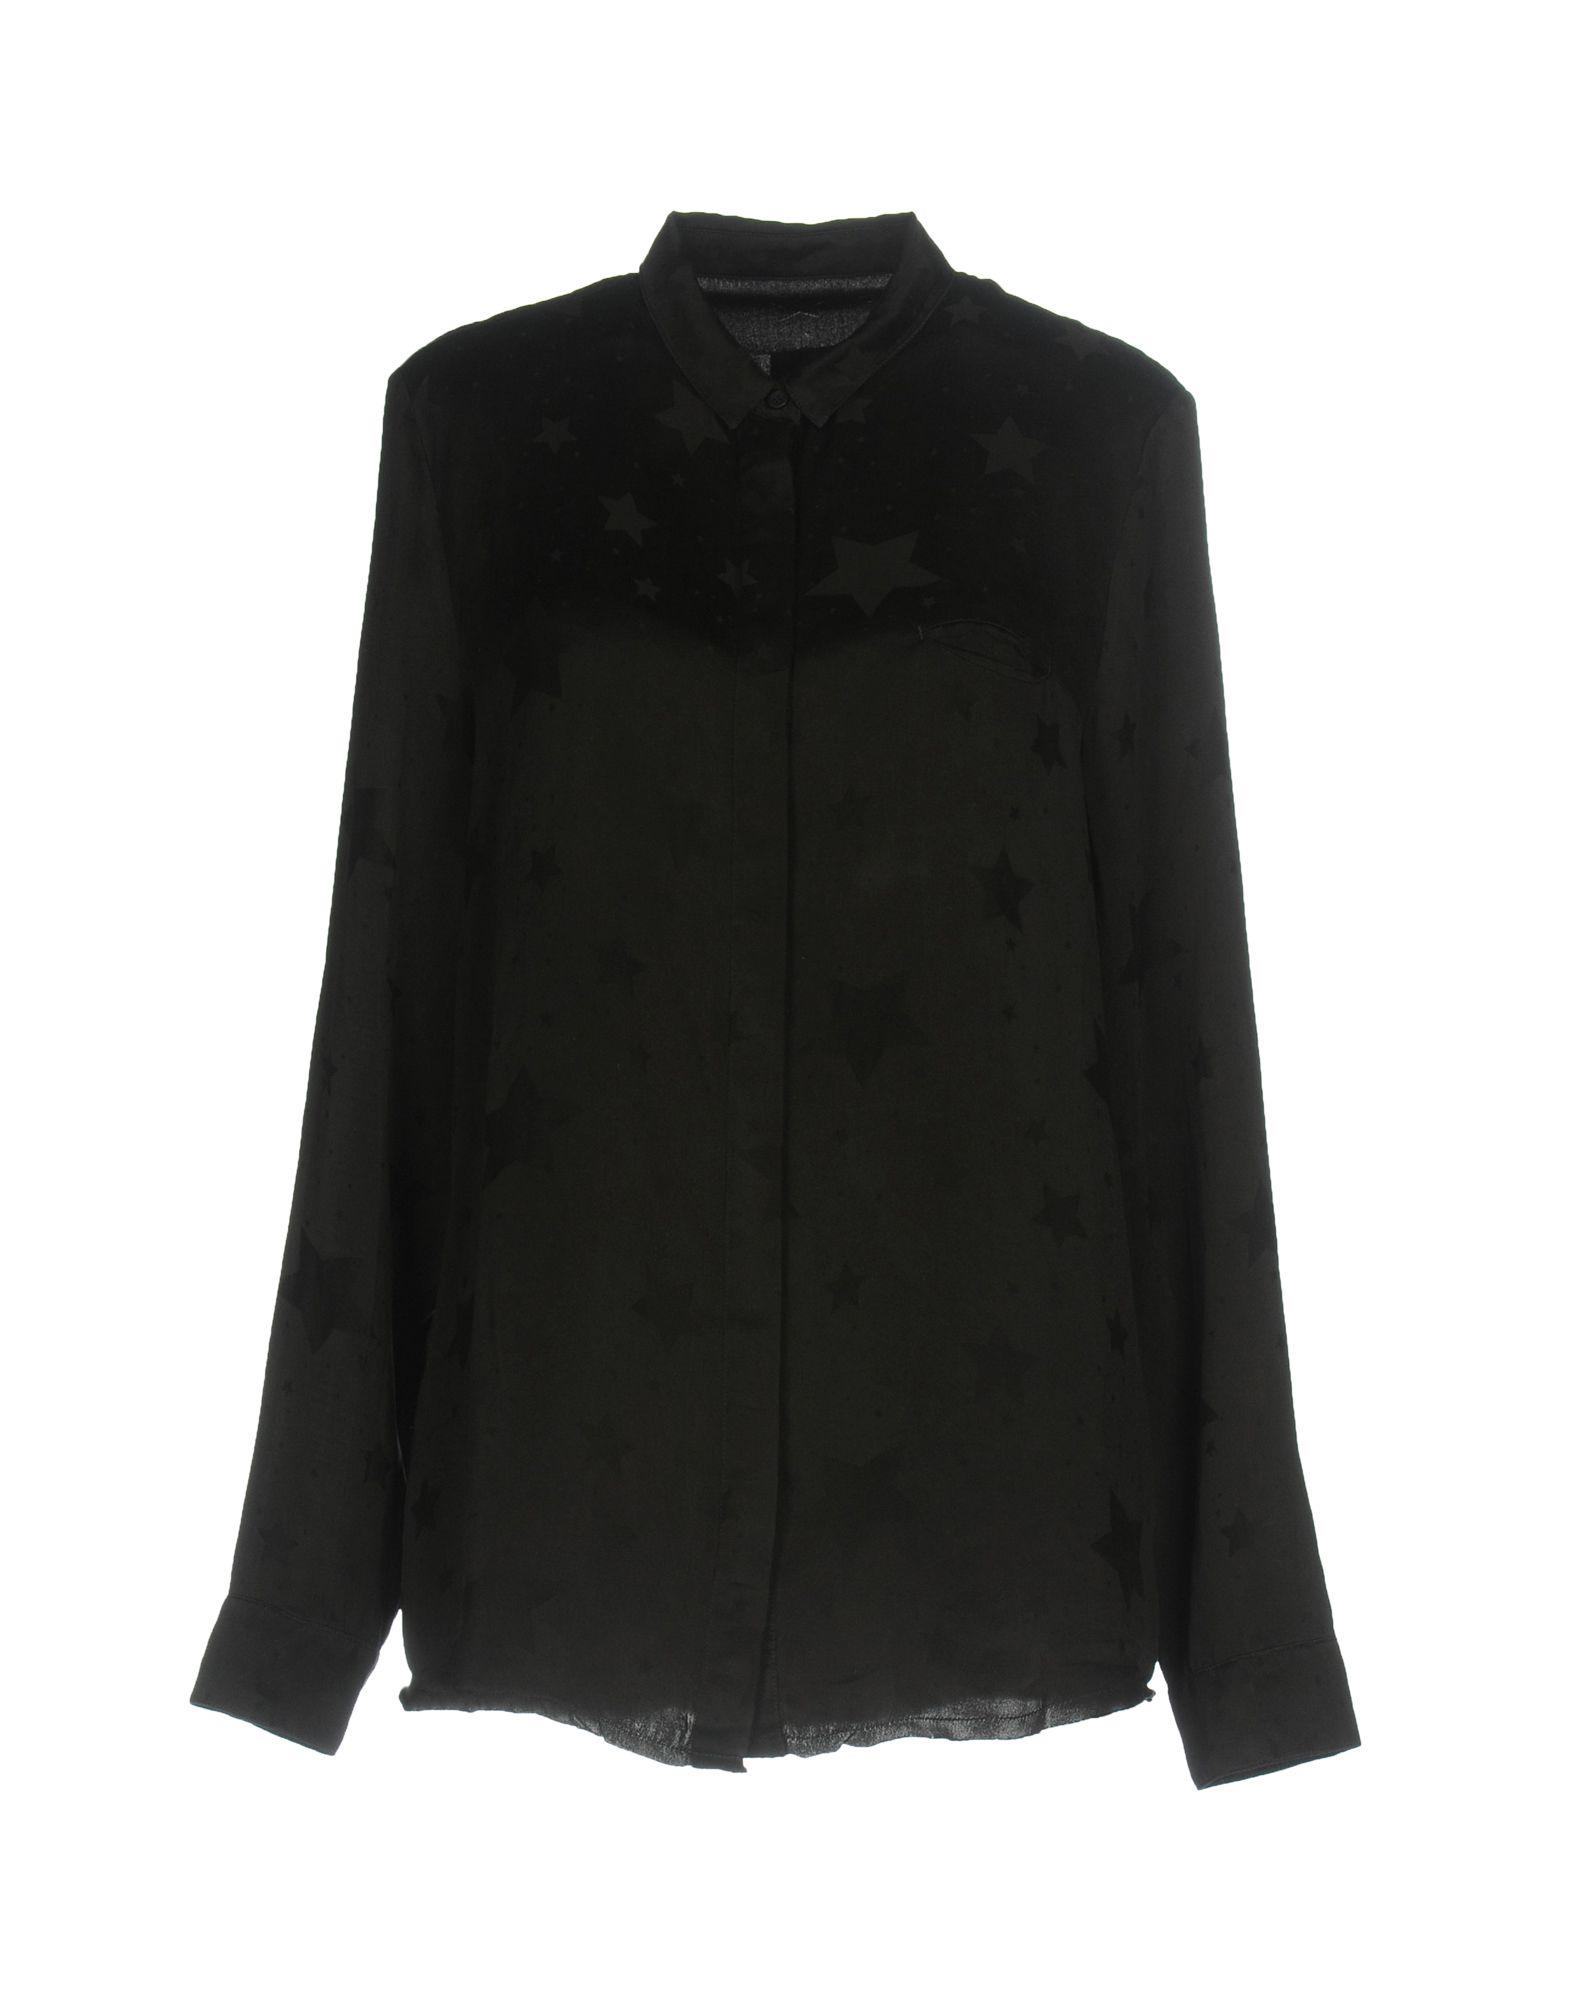 《送料無料》RTA レディース シャツ ブラック XS シルク 100%